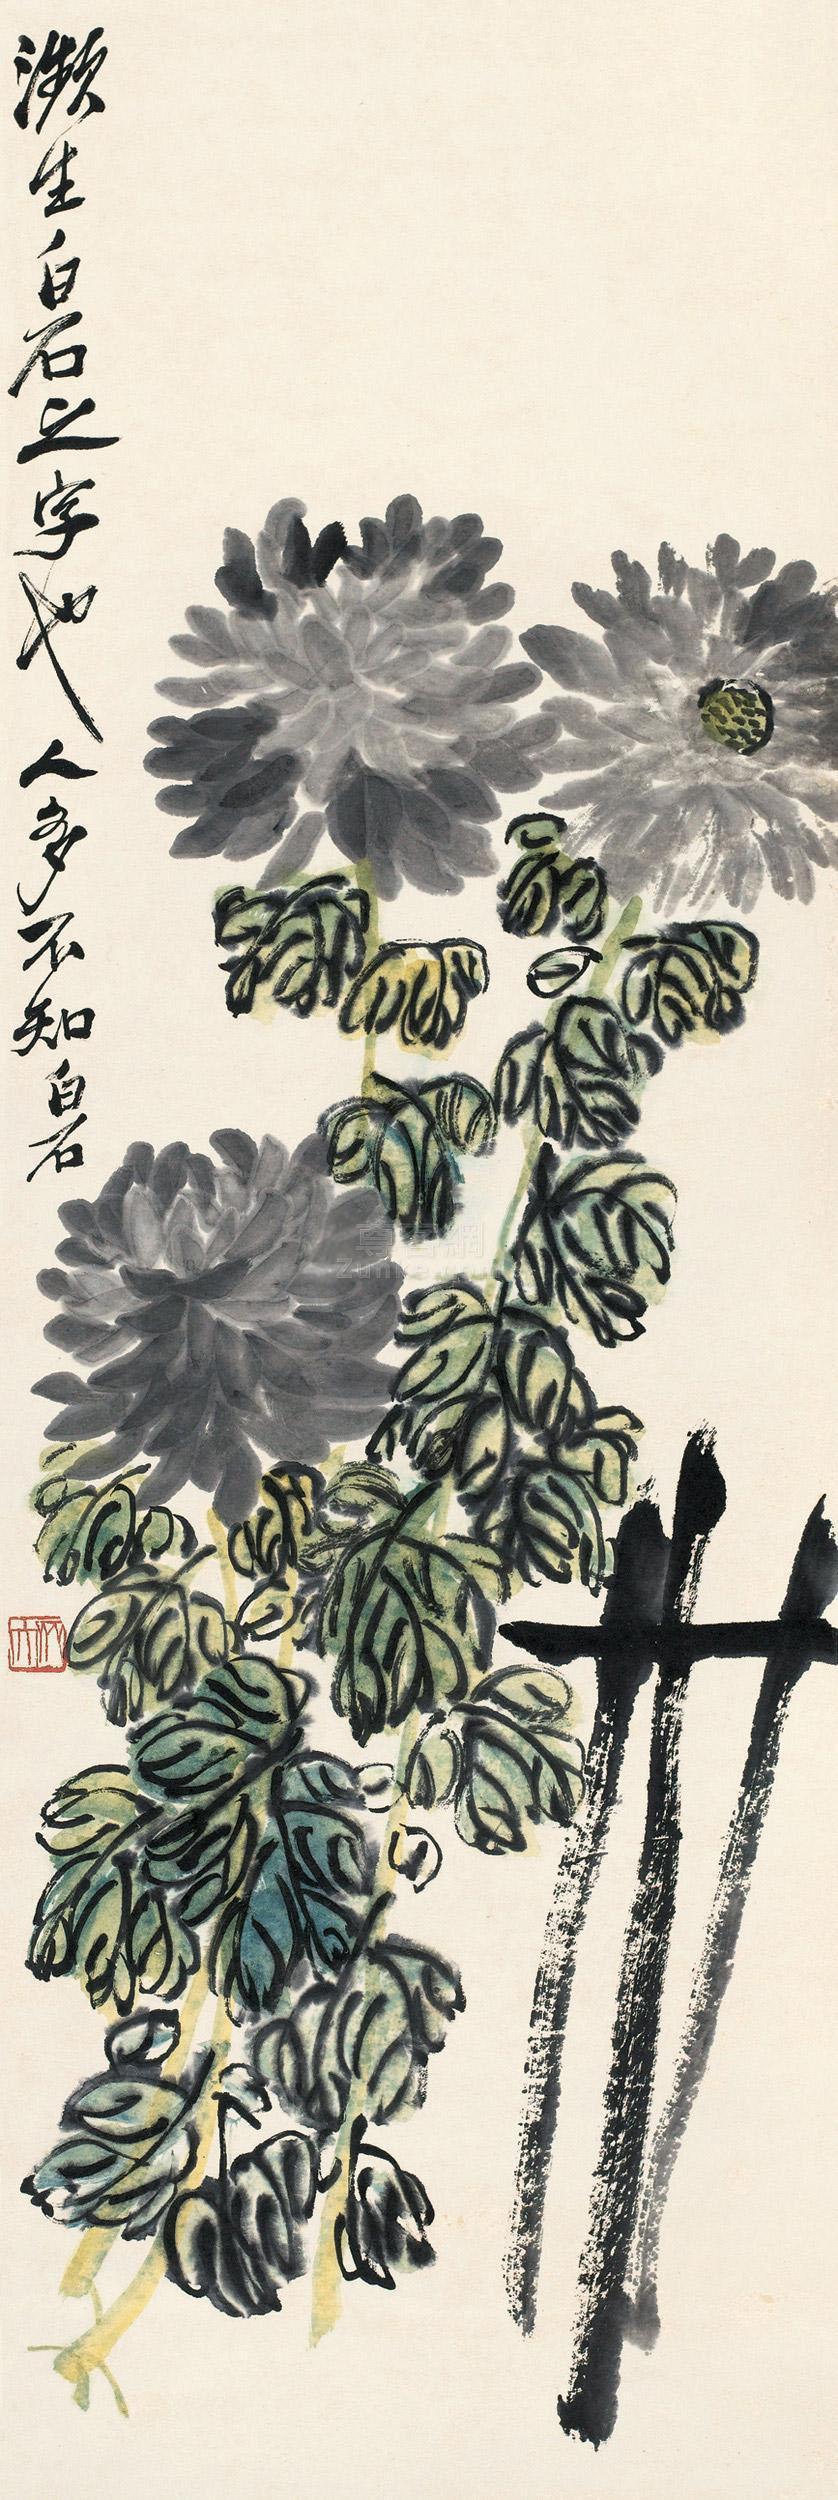 齐白石 采菊东篱下 立轴 设色纸本作品欣赏